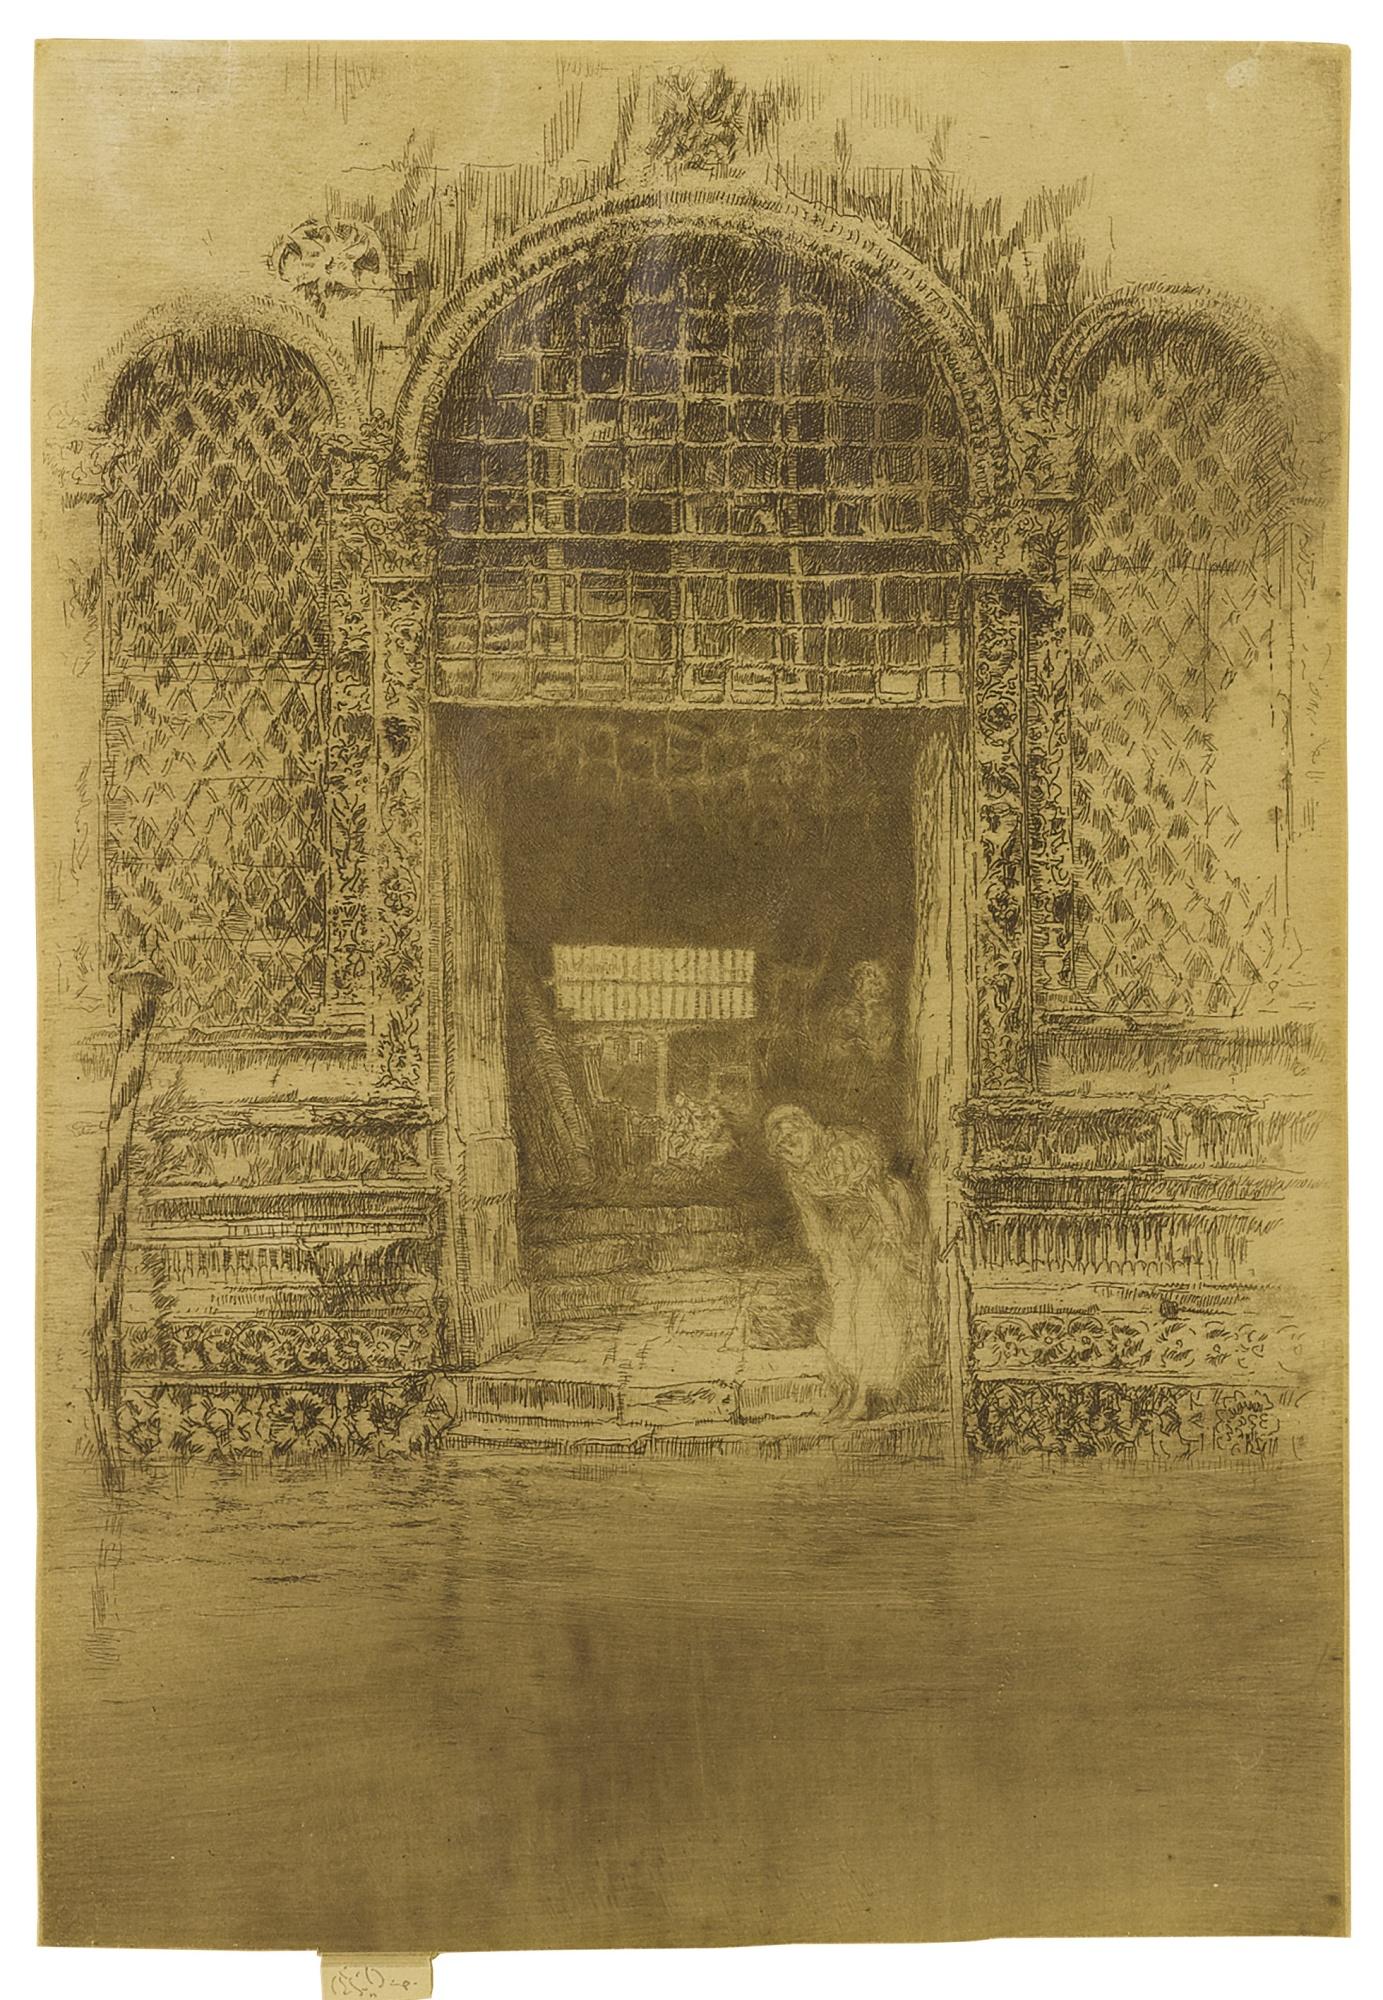 James Abbott McNeill Whistler-The Doorway (Kennedy 188; Glasgow 193)-1880